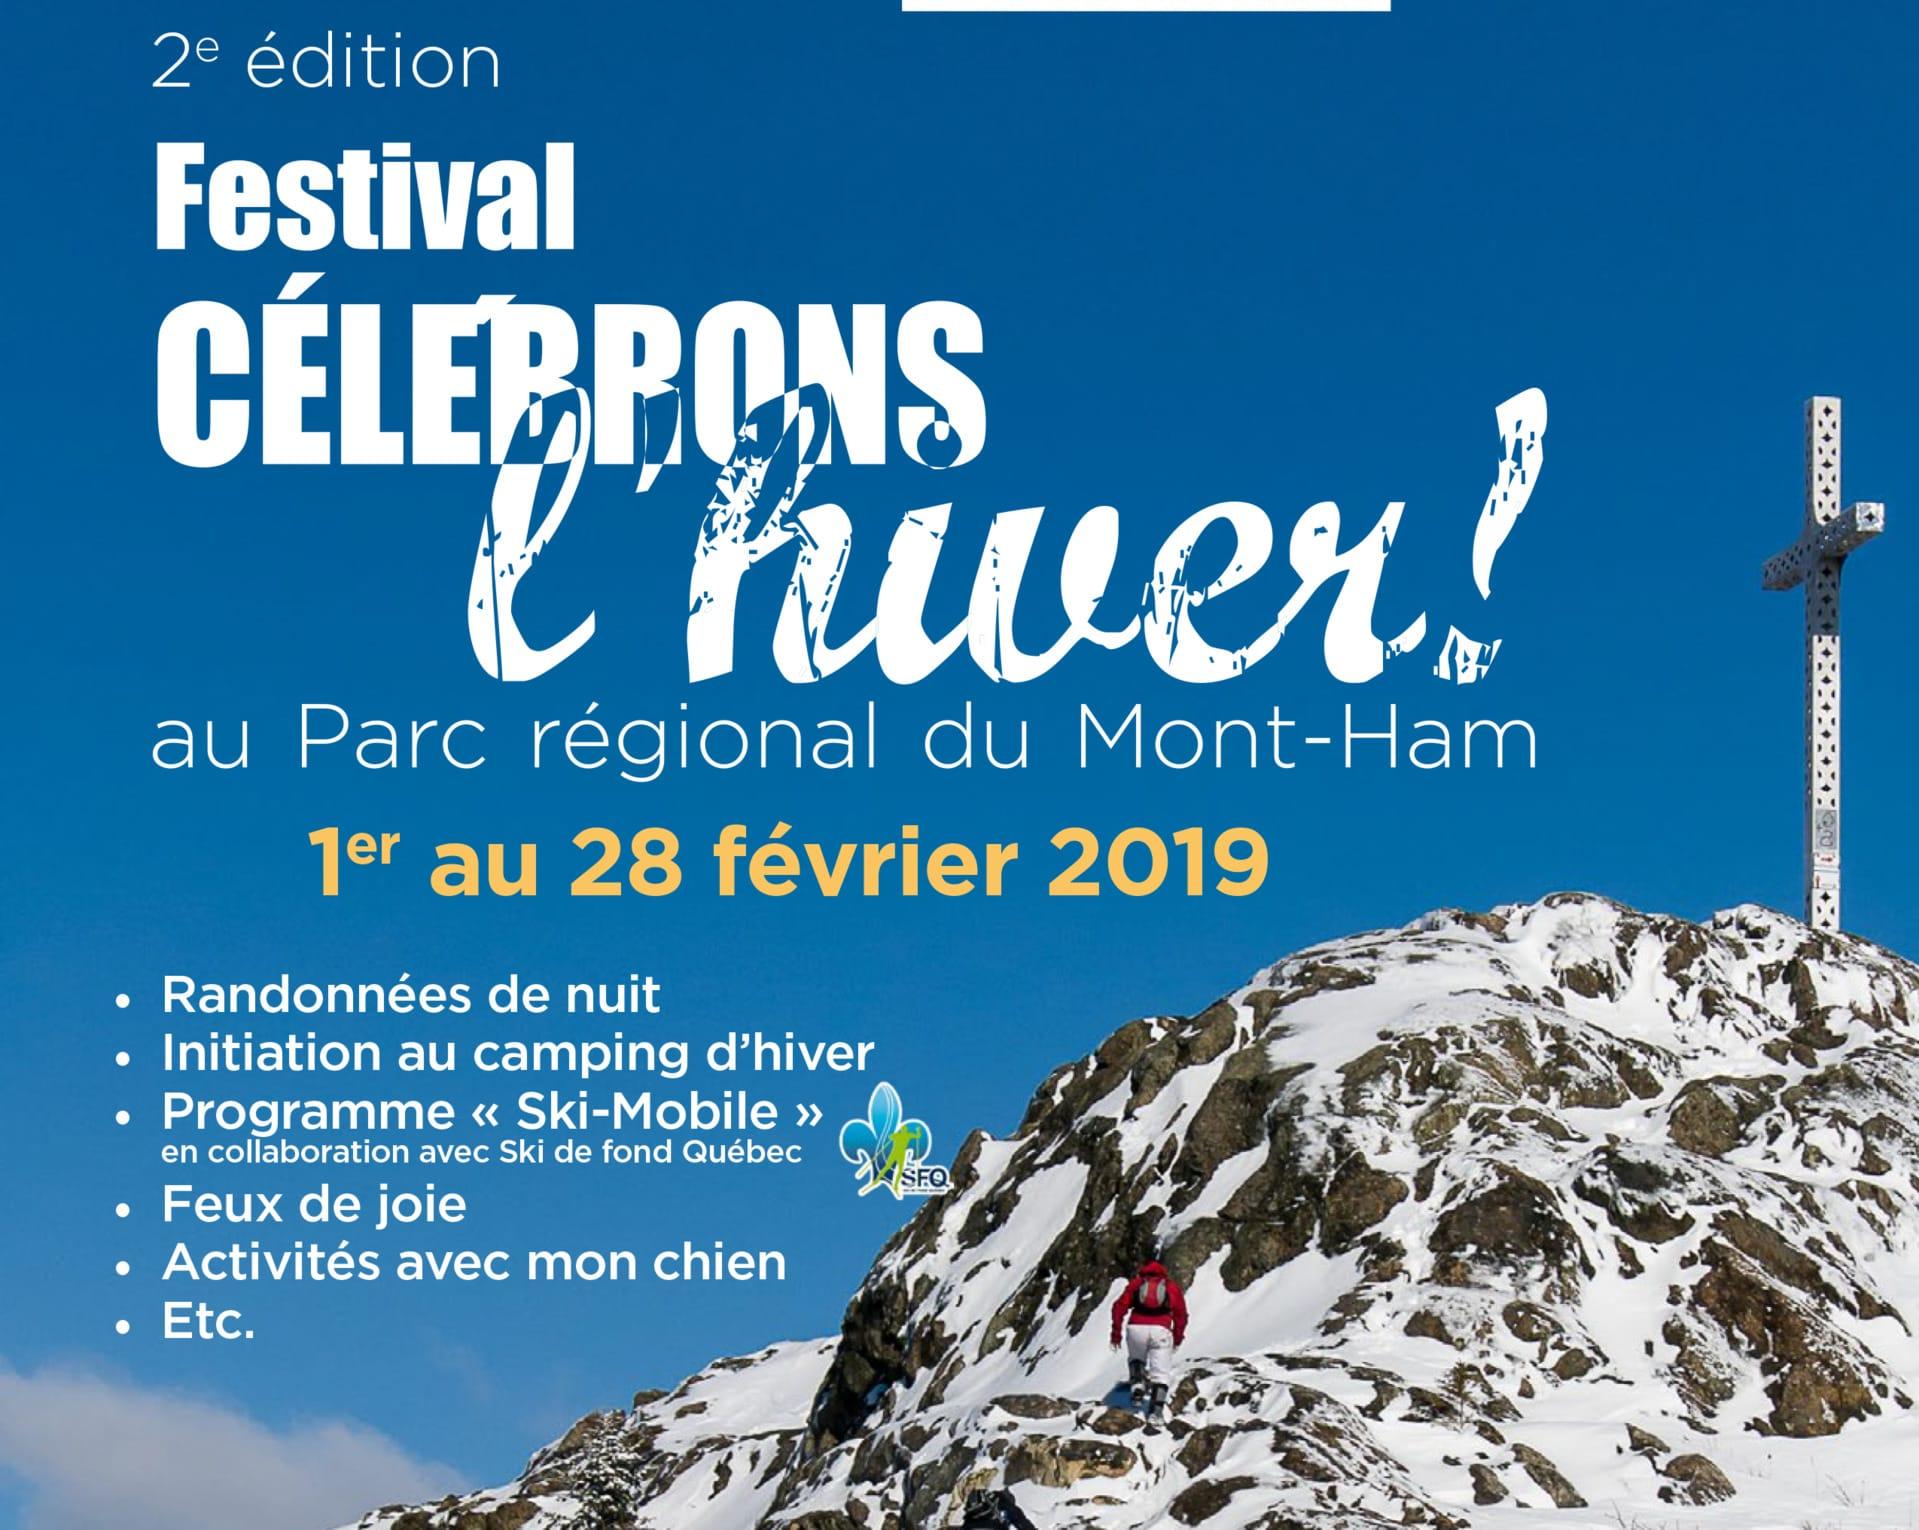 Célébrons l'hiver  au Parc régional du Mont-Ham